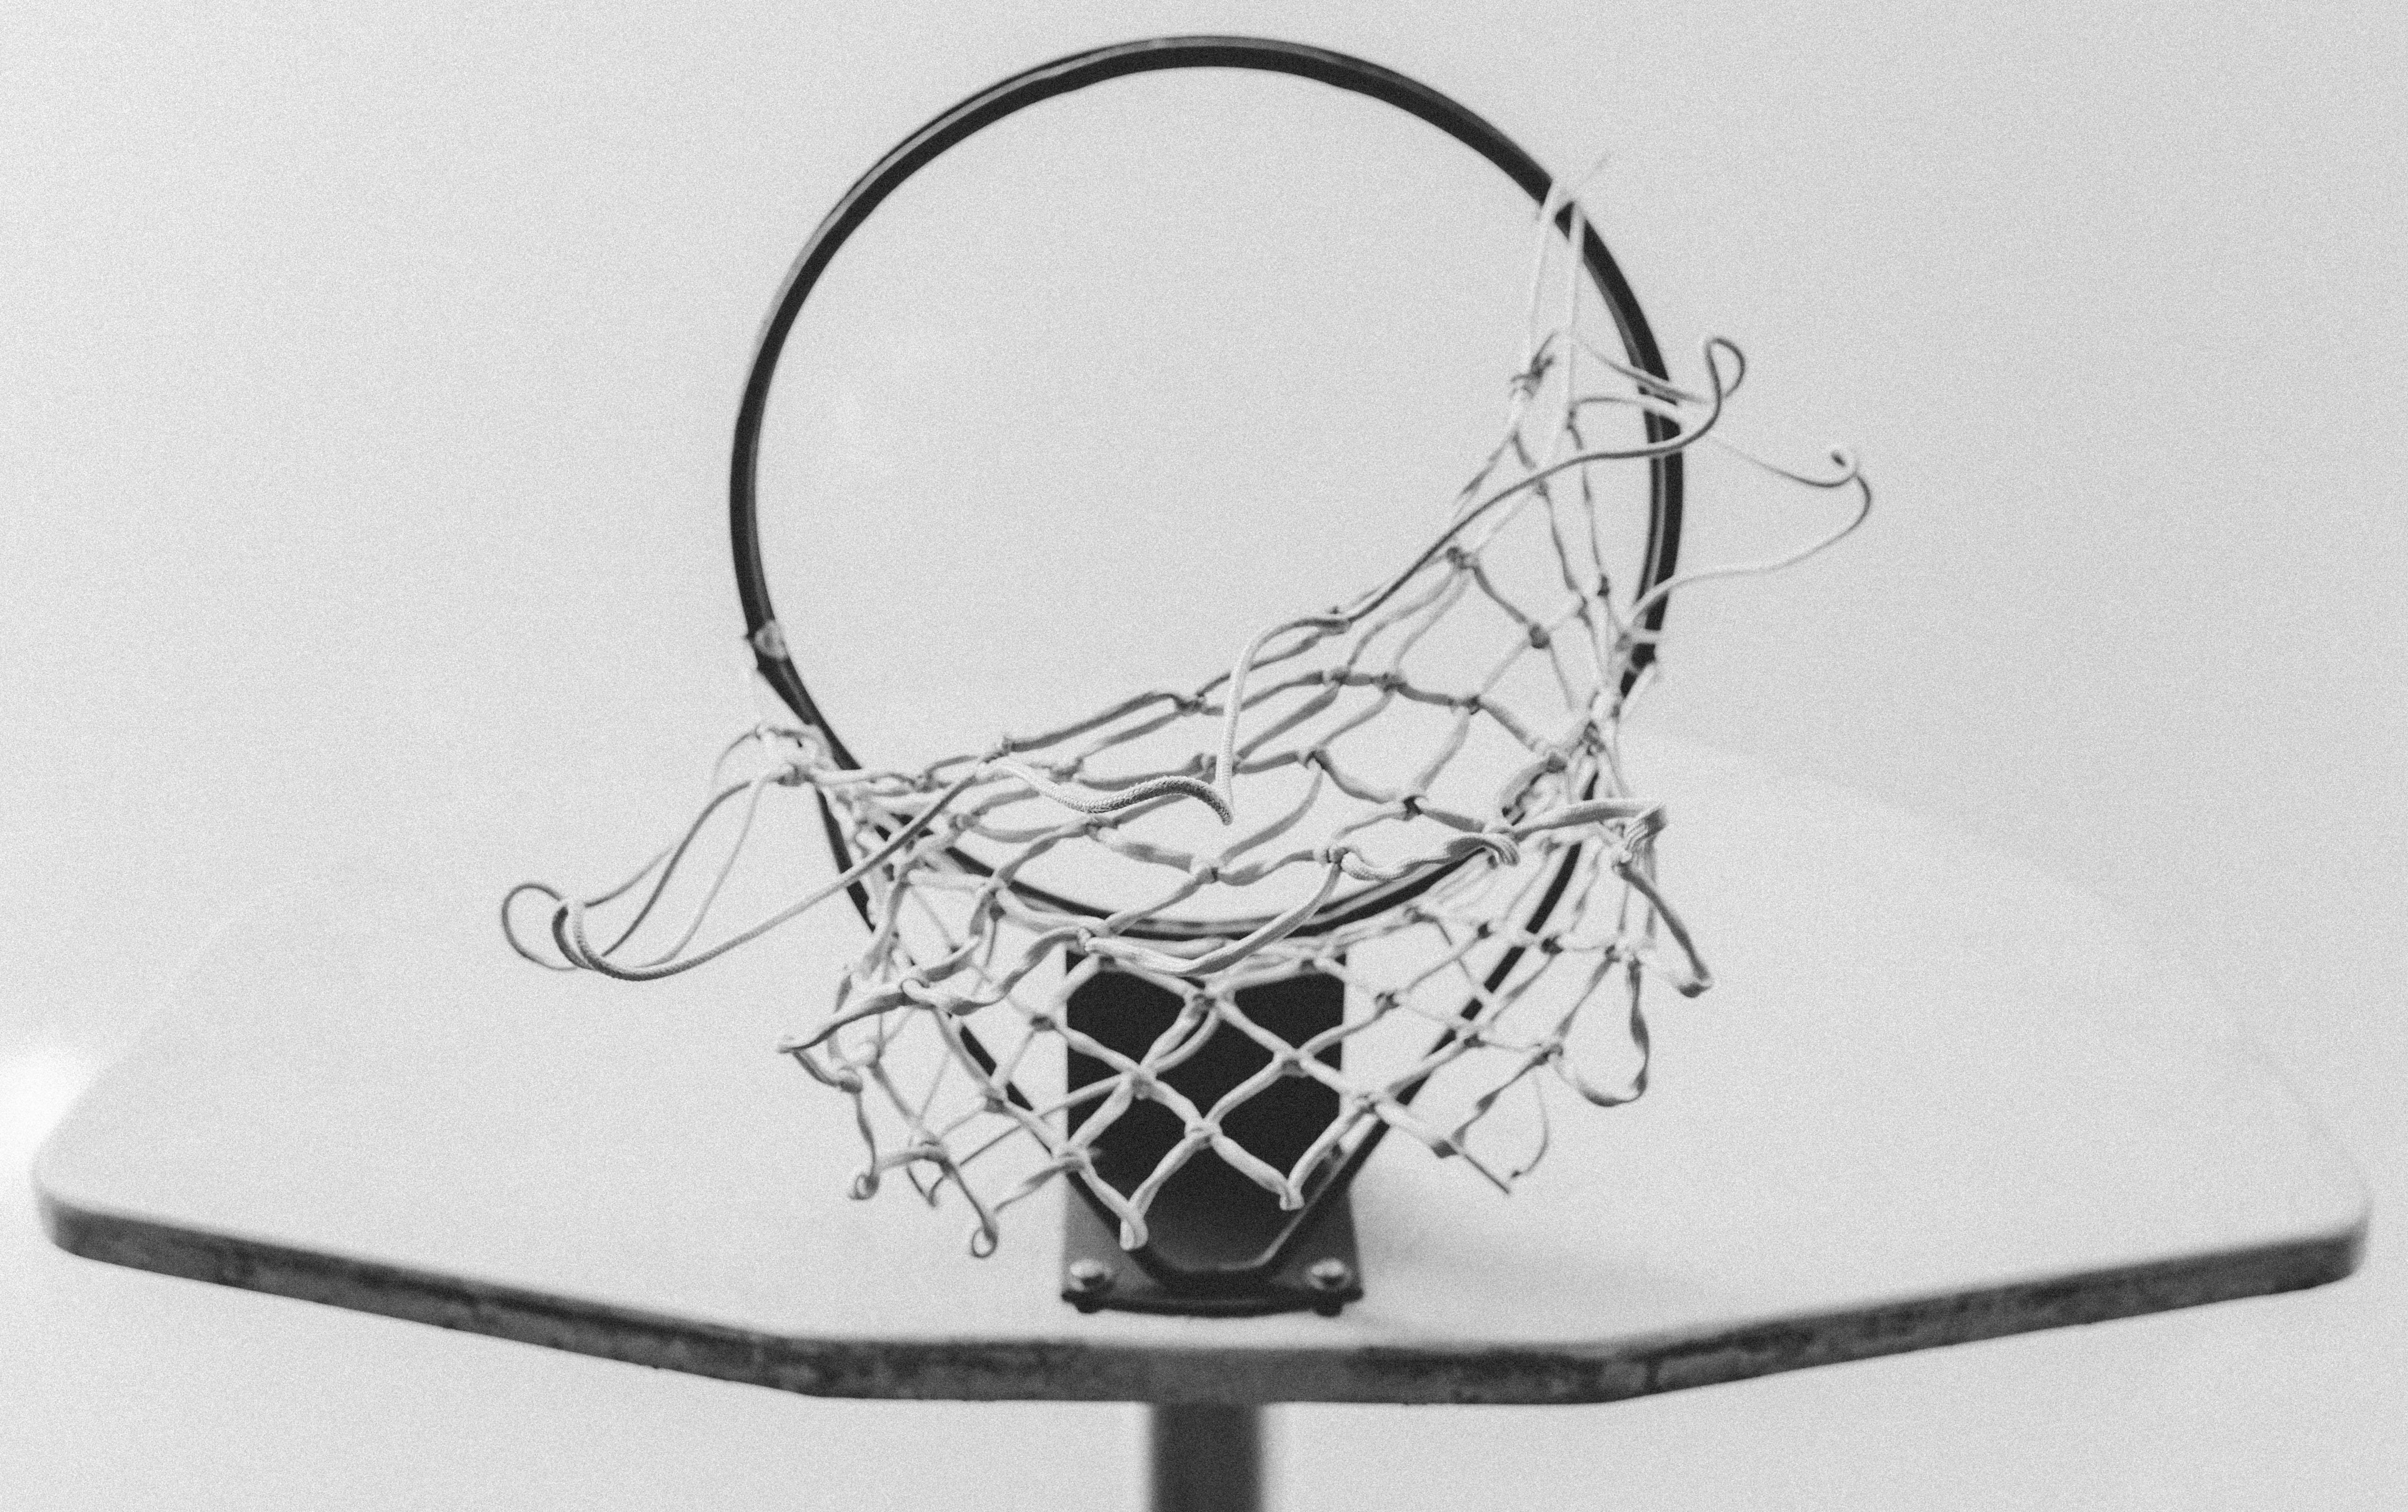 basketball de la nba